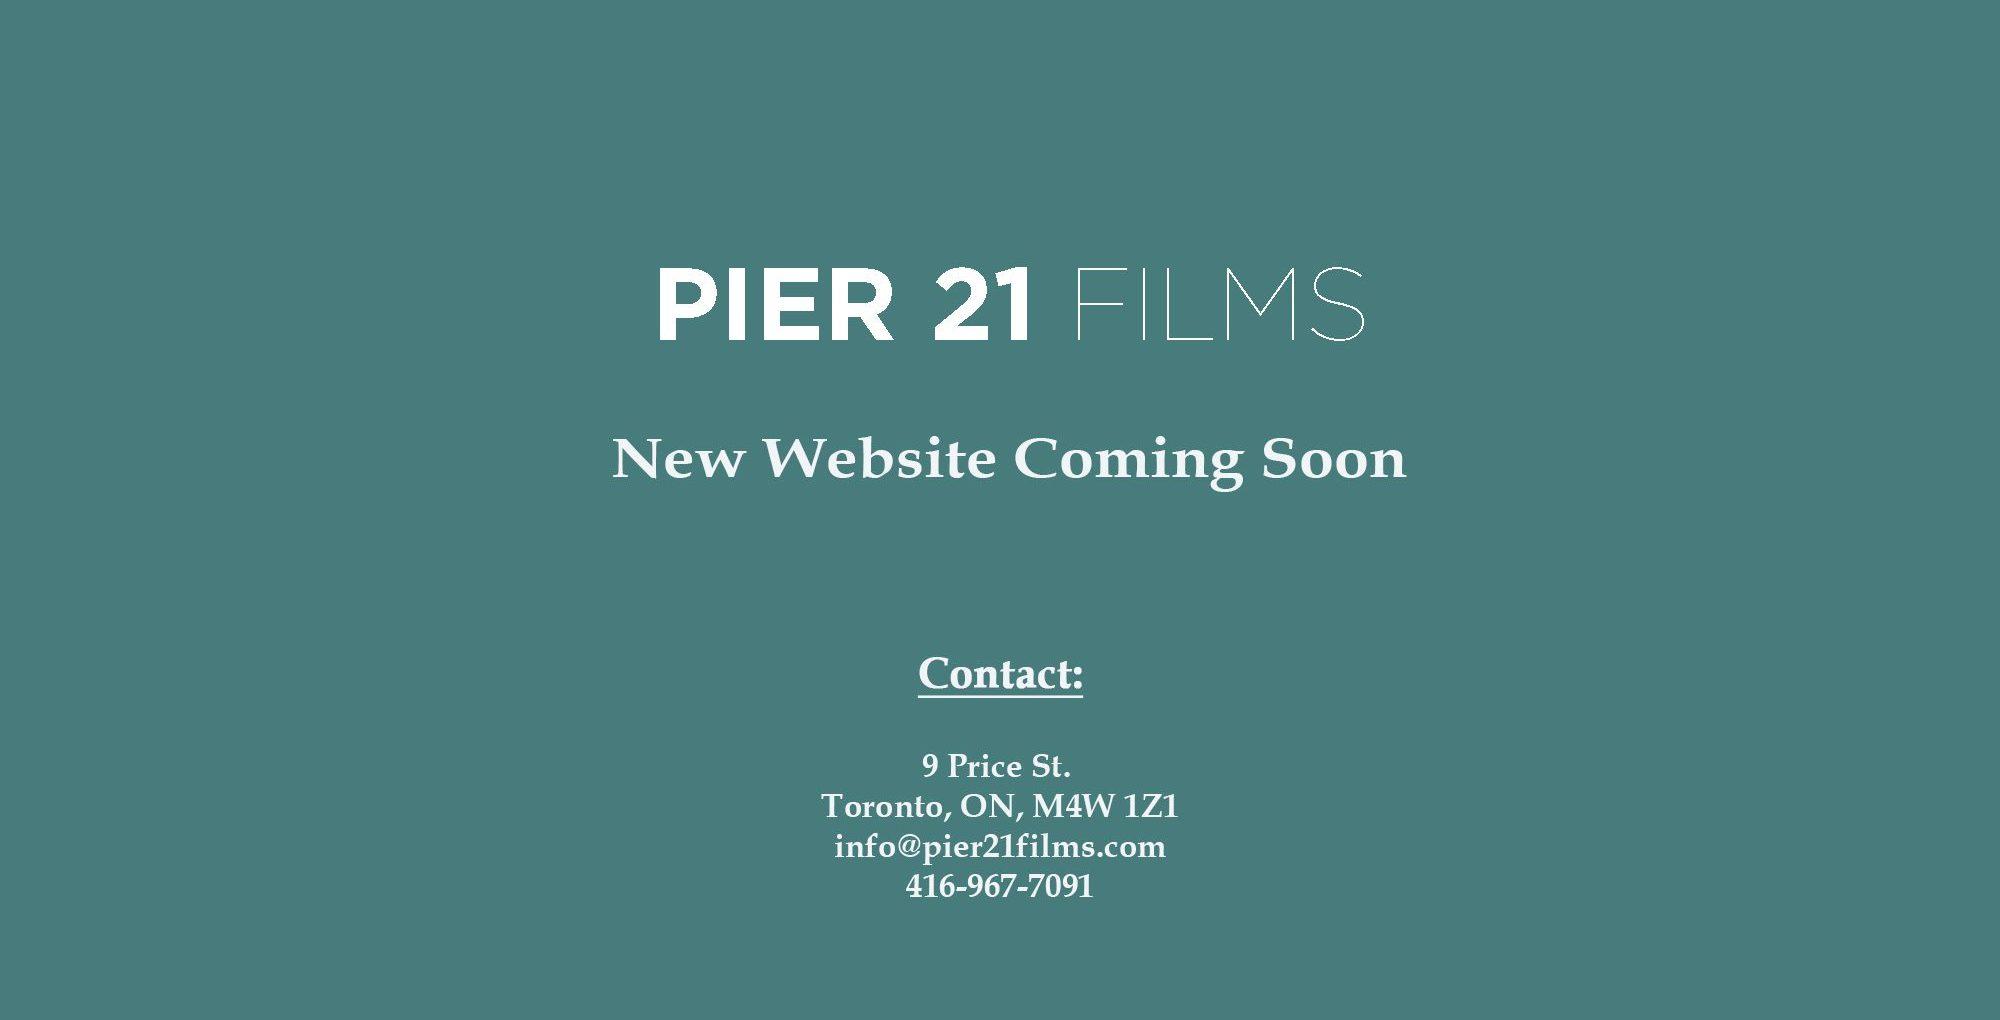 Pier 21 Films